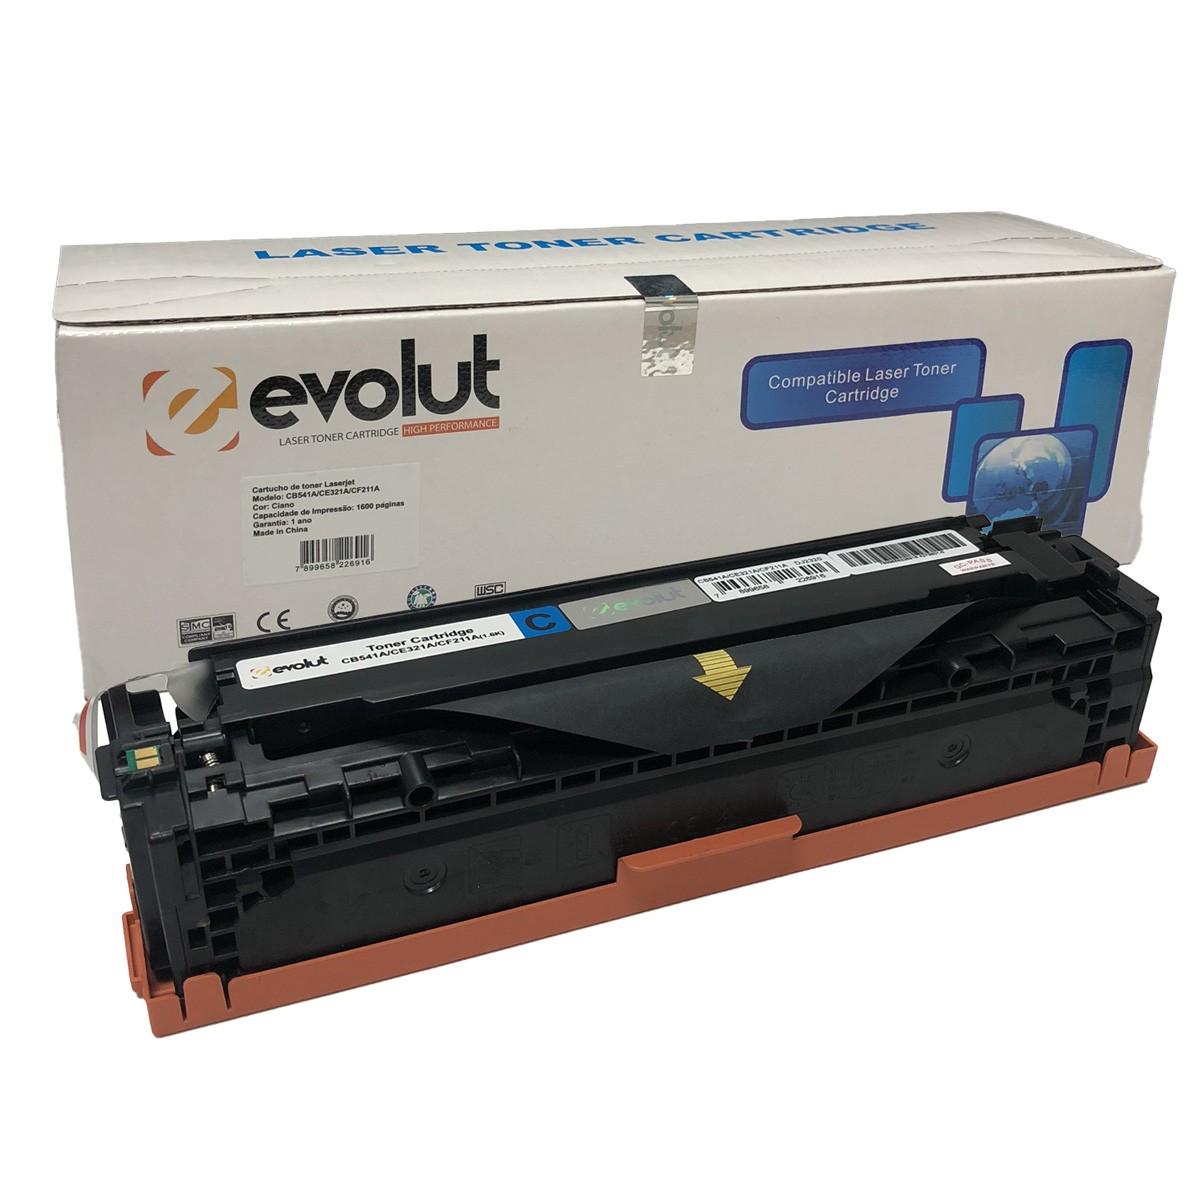 Toner Evolut CB541A CE321A CF211A Ciano Compatível com CM1312 CP1217 da HP